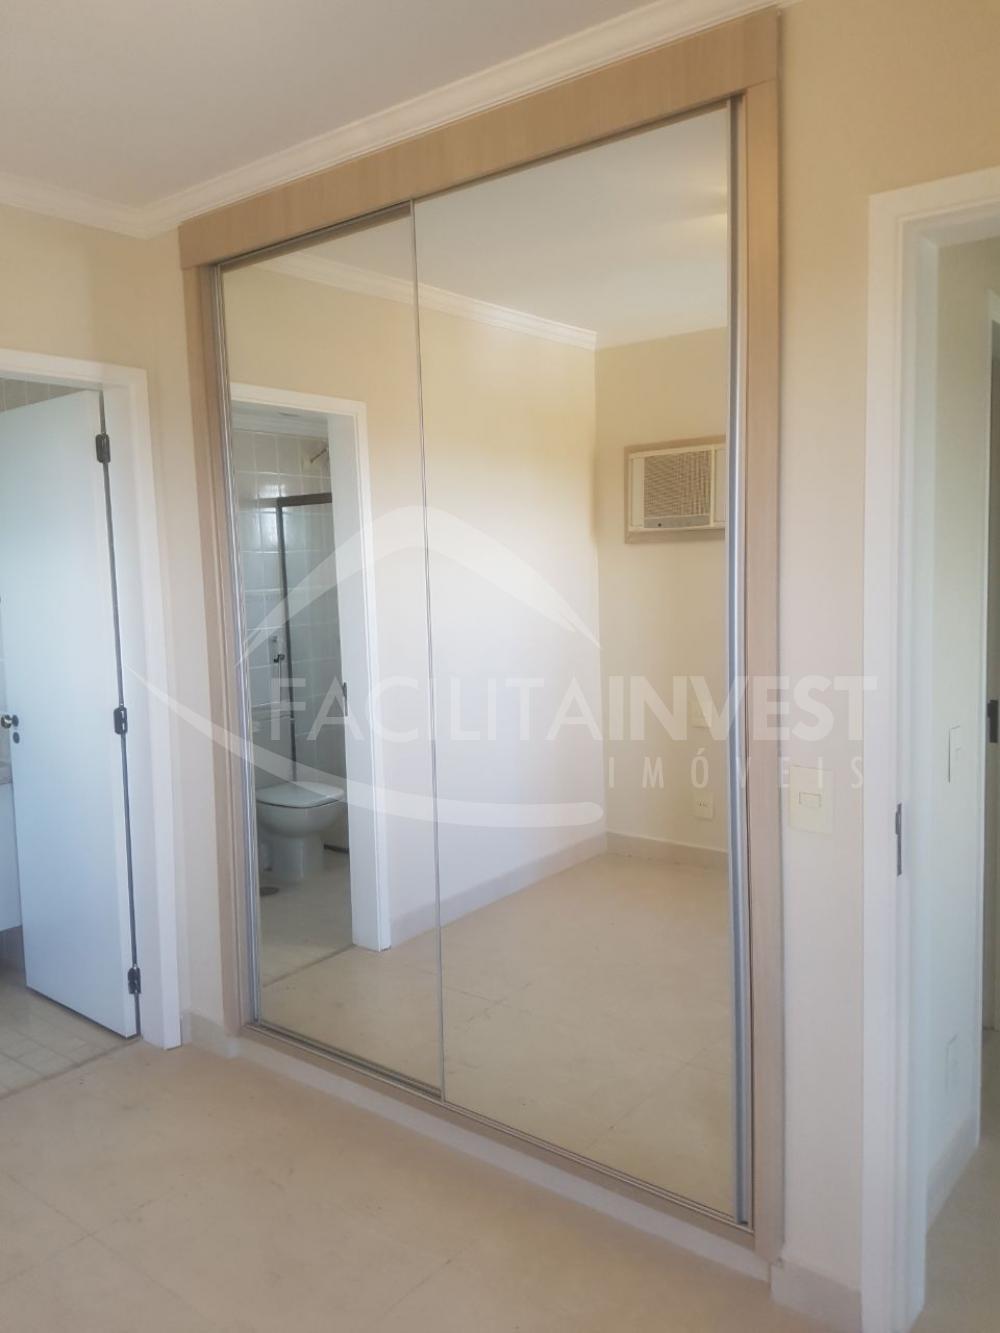 Comprar Apartamentos / Apart. Padrão em Ribeirão Preto apenas R$ 400.000,00 - Foto 10